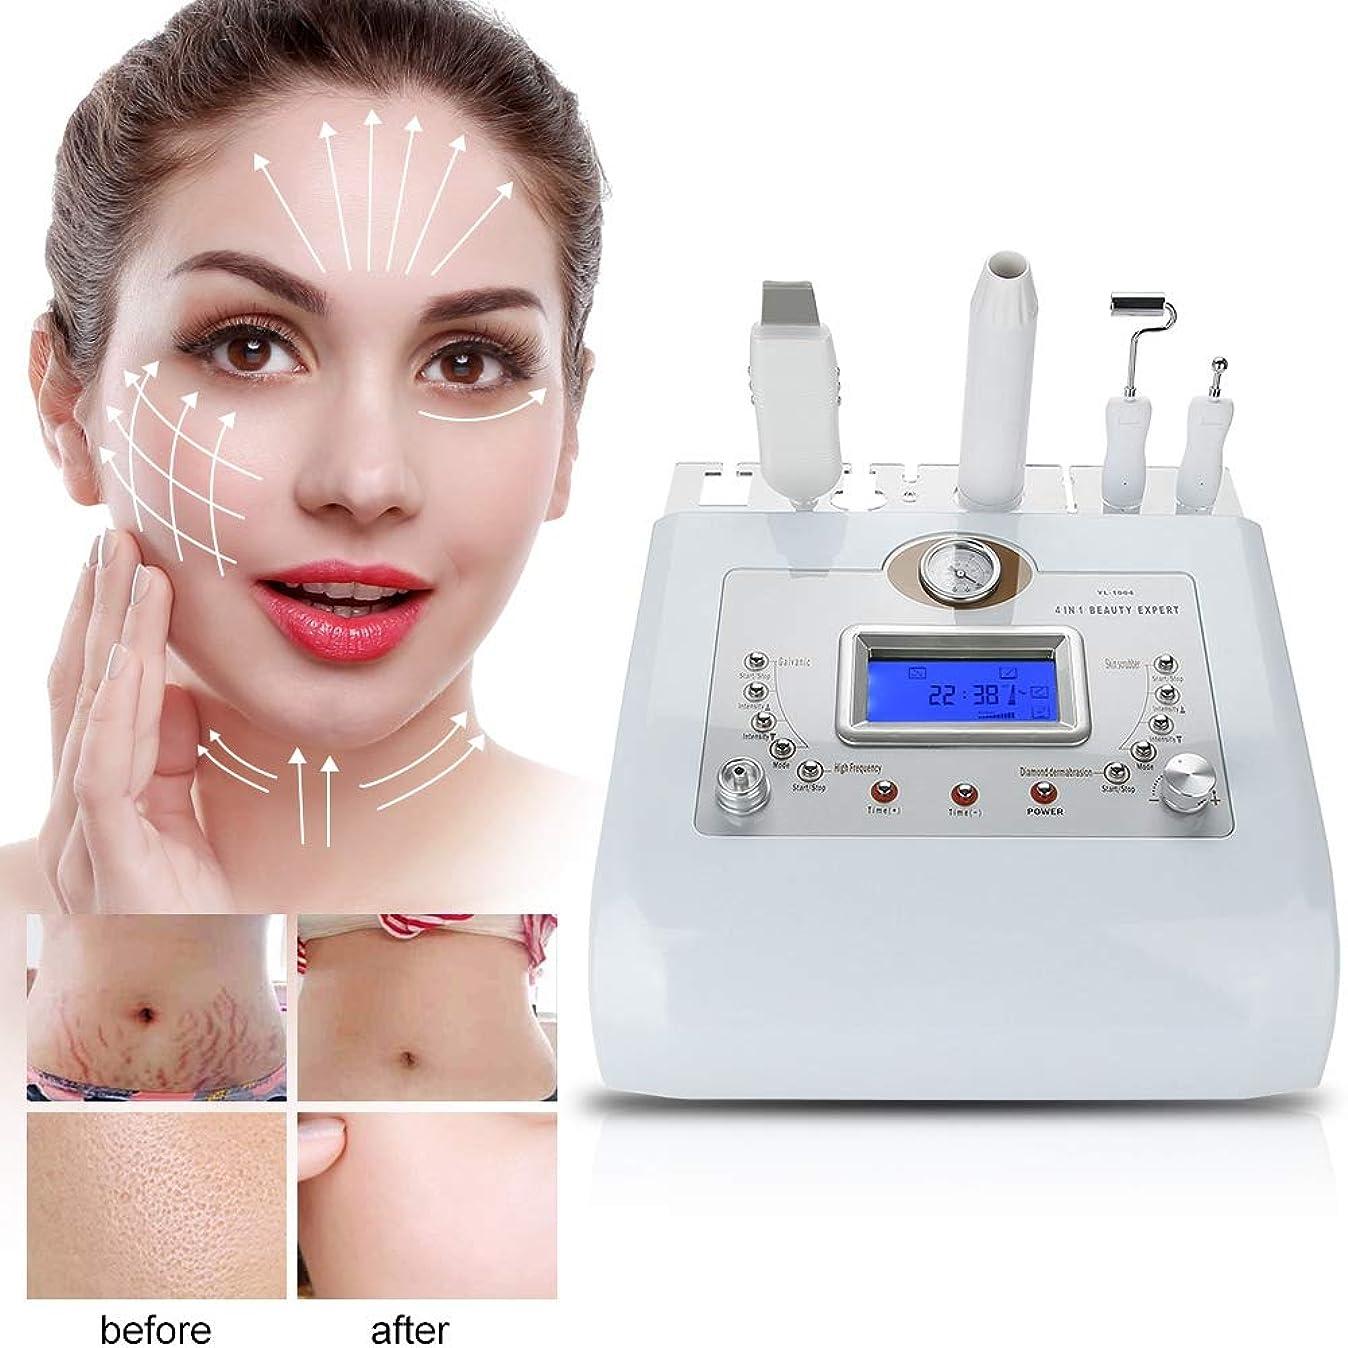 腹部作曲家大いに4-in-1ダイヤモンド皮膚剥離美容機、SPA用美容室用機器トナー、RF +超音波+スキンスクラバー+ EMS電気治療 (白)